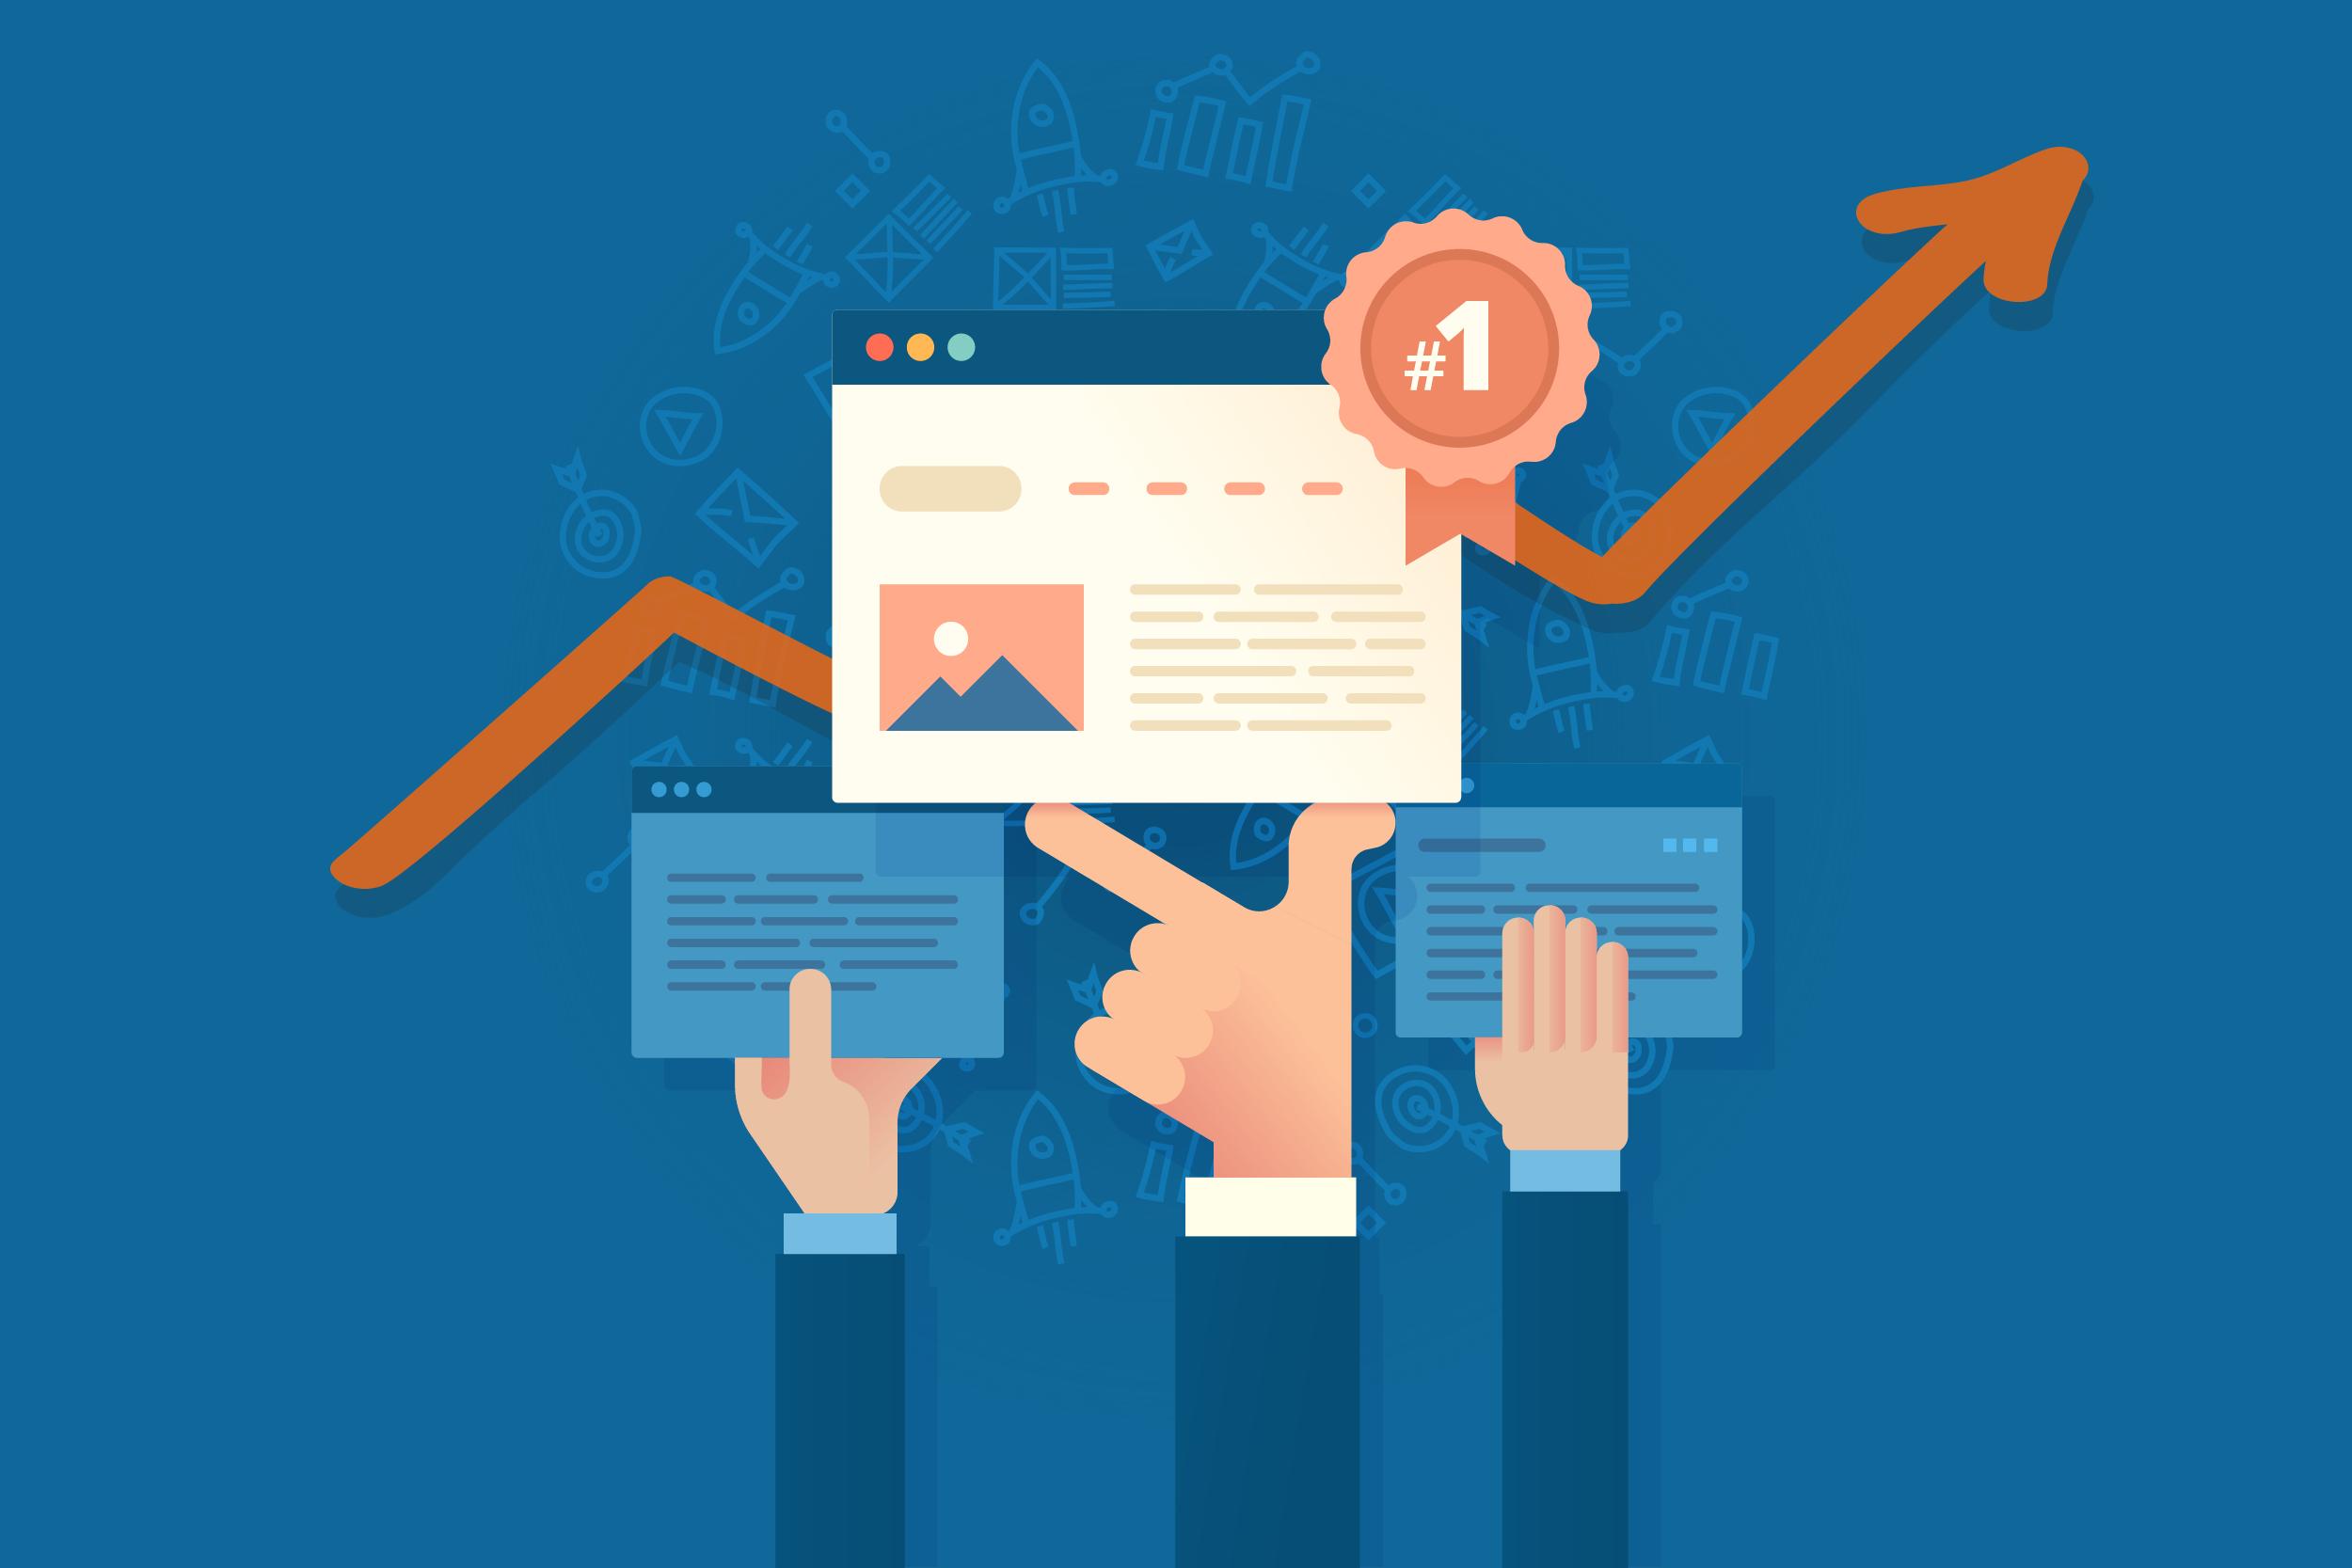 網路行銷如何從零開始?數位行銷手法分享-SEO